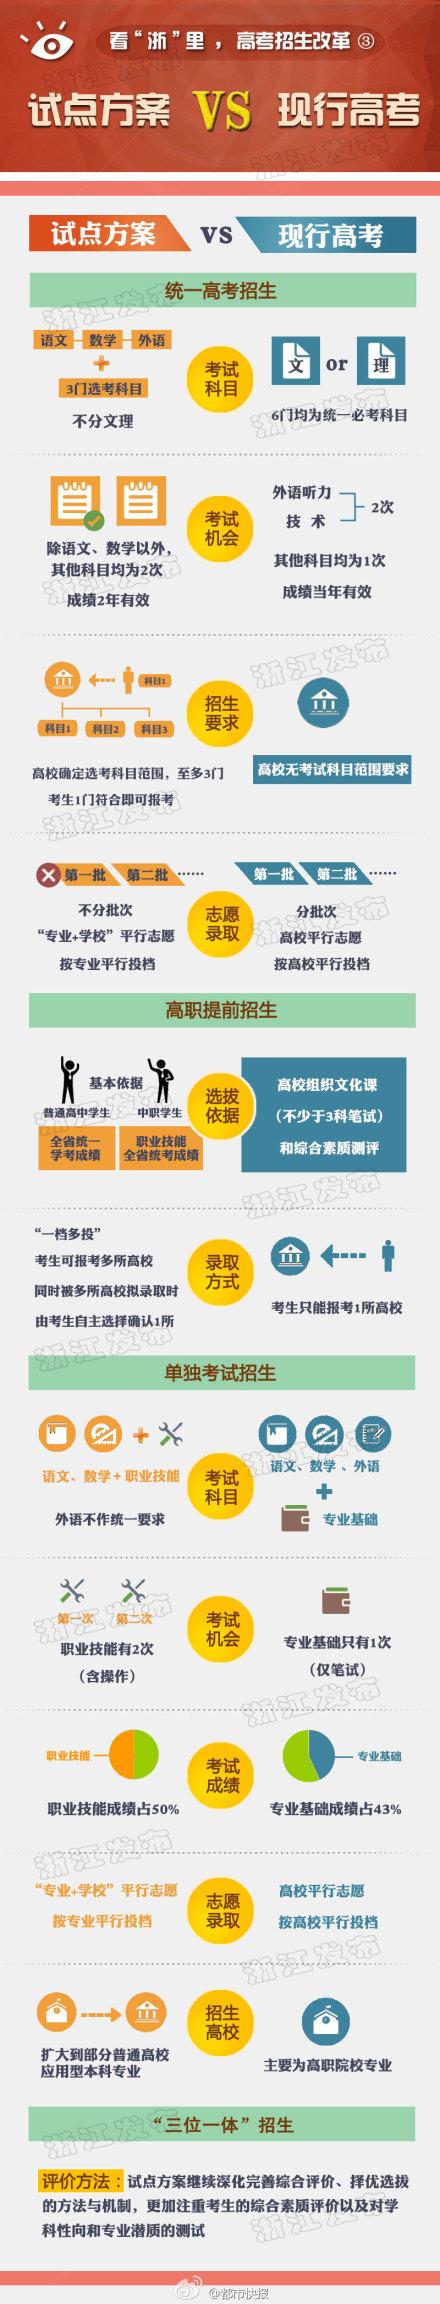 浙江高考综合改革方案图解3